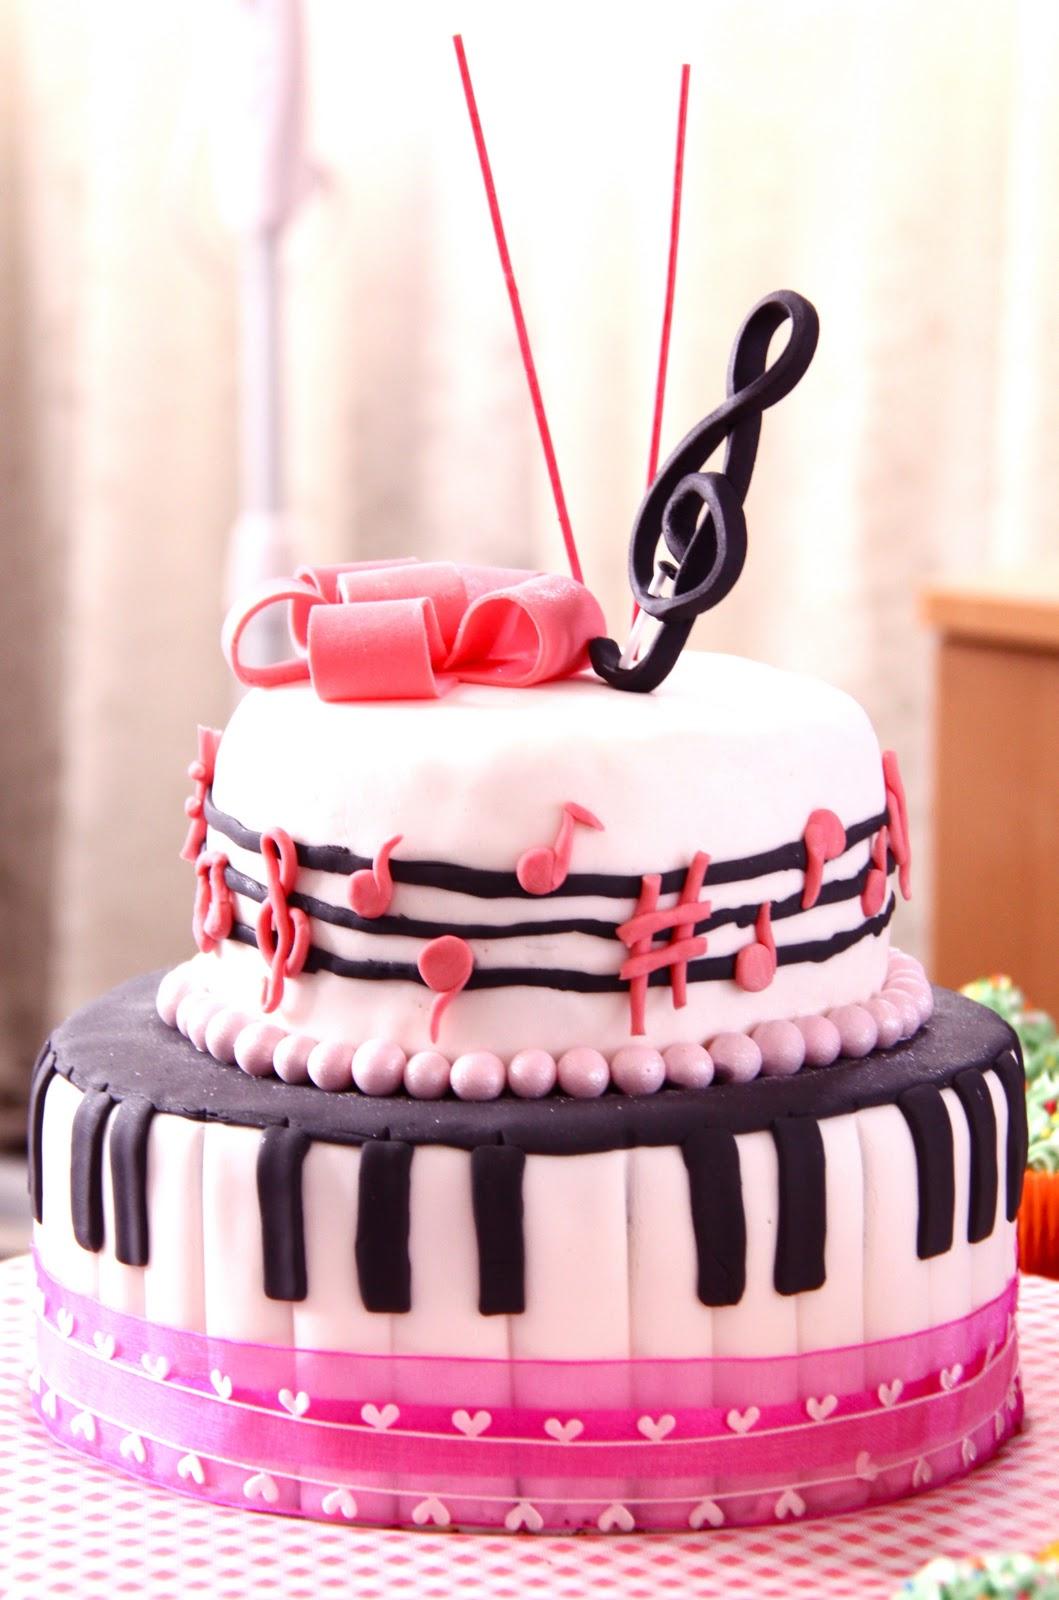 Music Note Birthday Cake